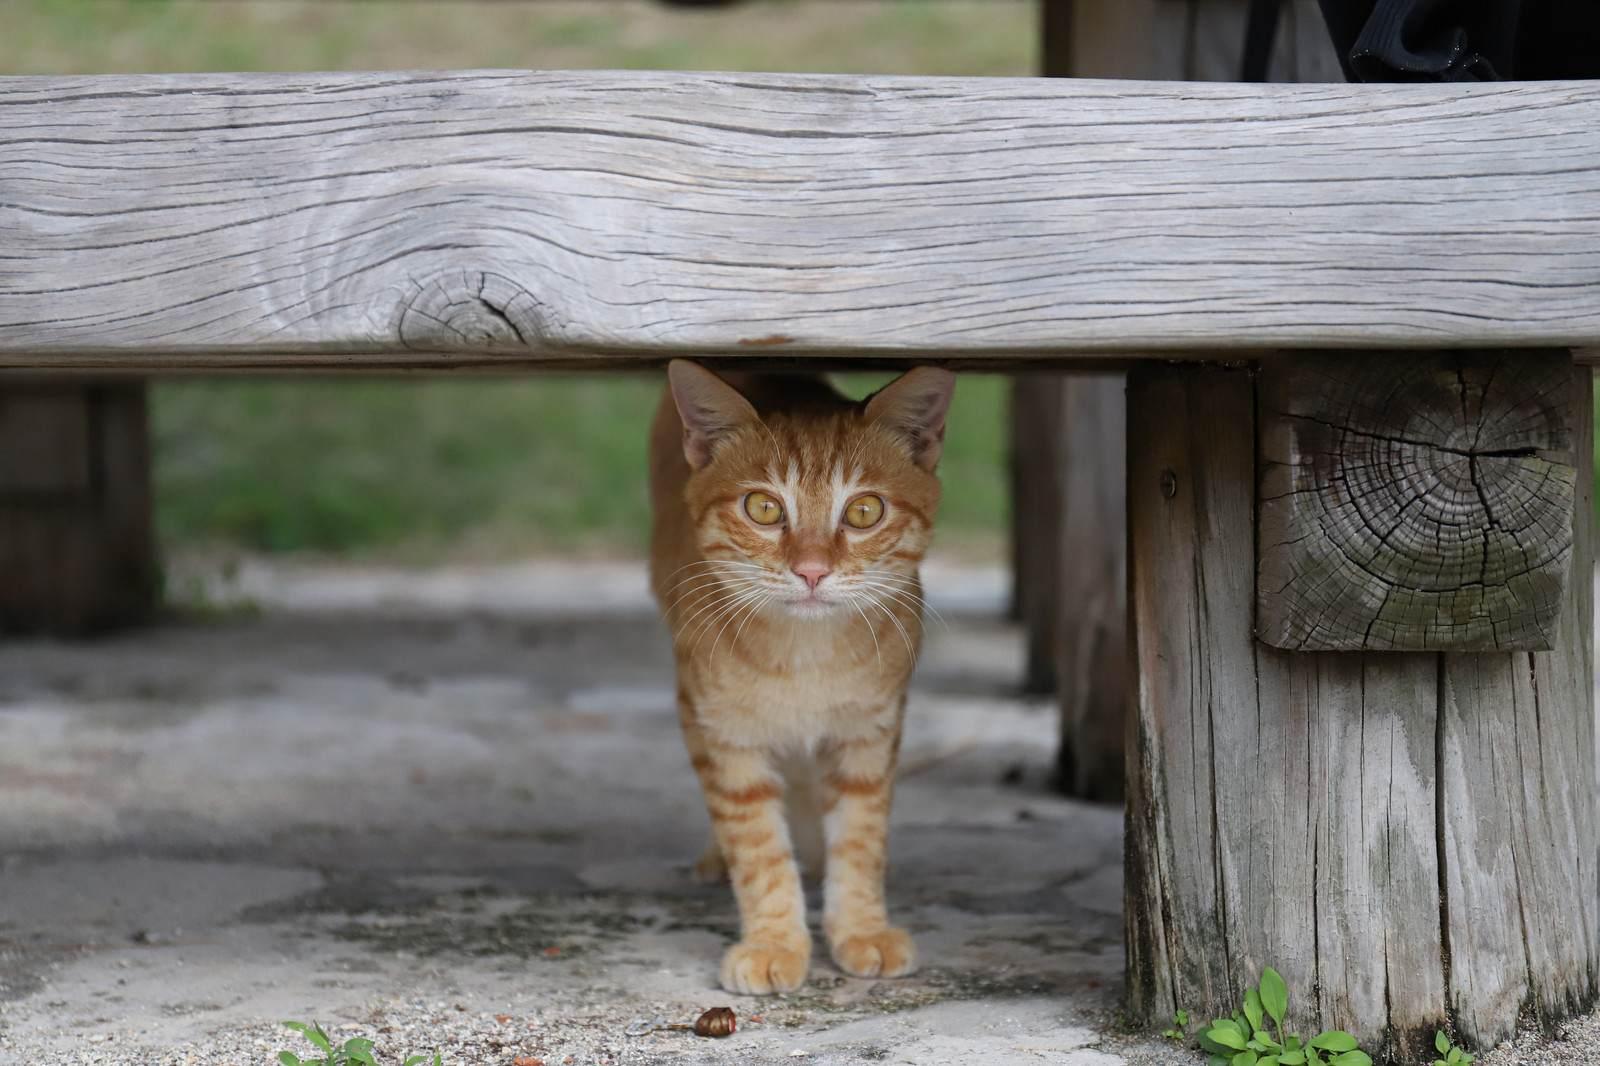 心霊ちょっといい話『邪魔をする猫』など短編全10話